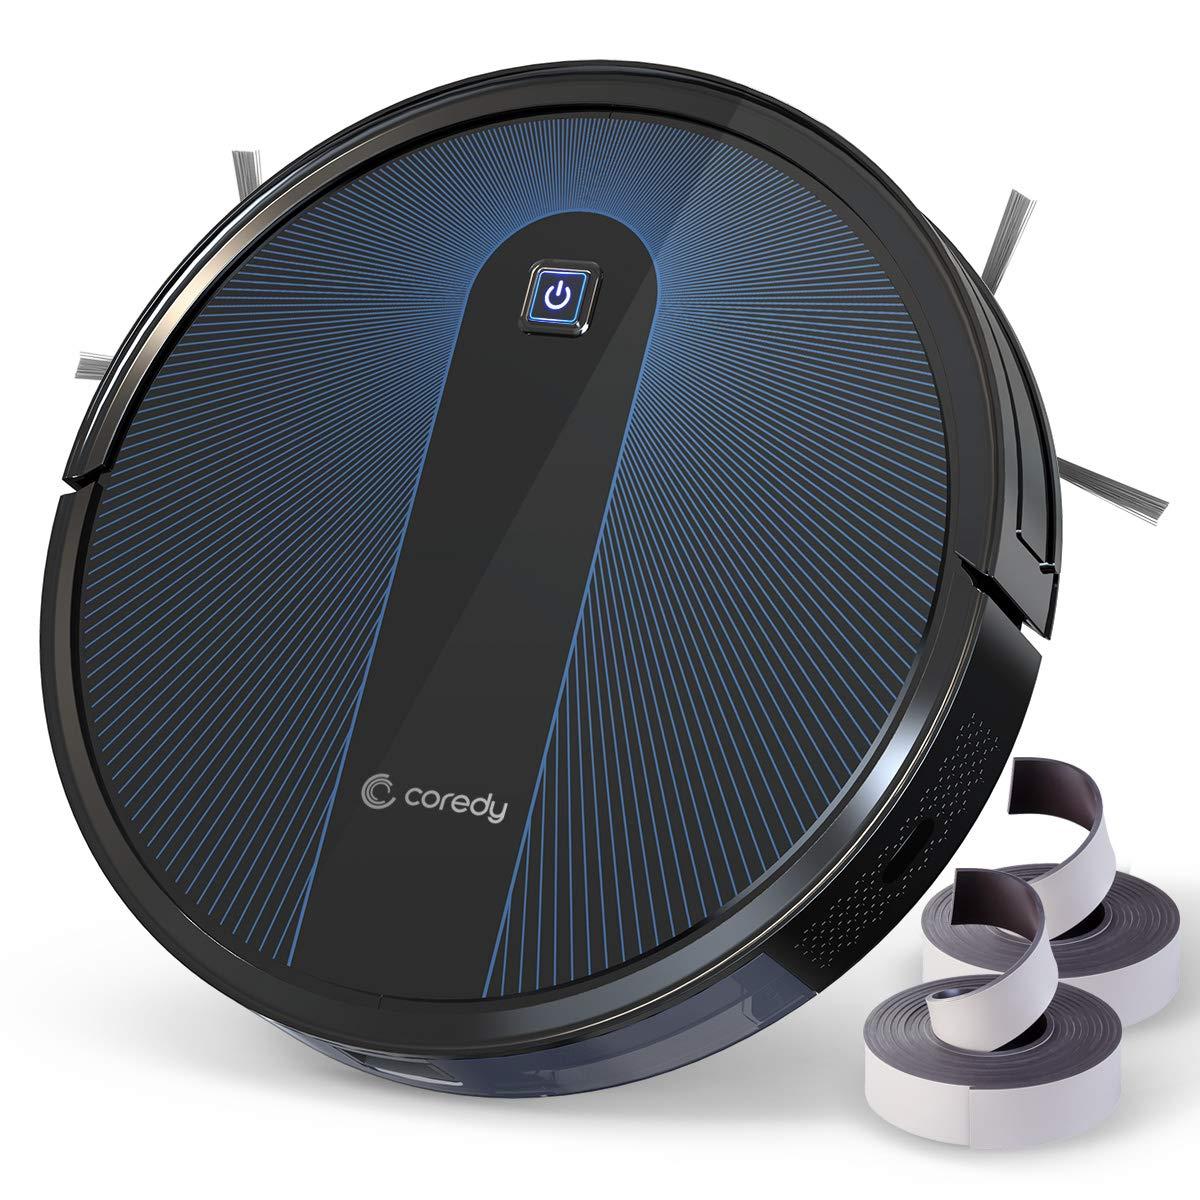 Coredy R650 Saugroboter mit Boost Intellect, für Hartböden, Teppiche, waschbarer Filter